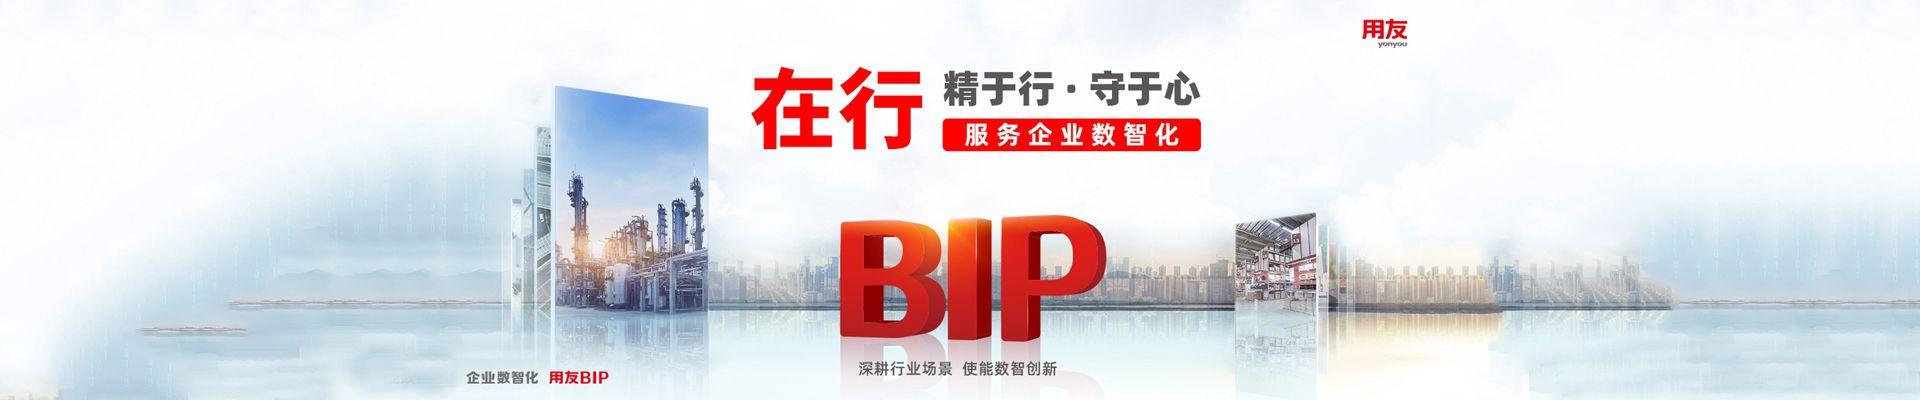 火狐体育竞猜网首页软件